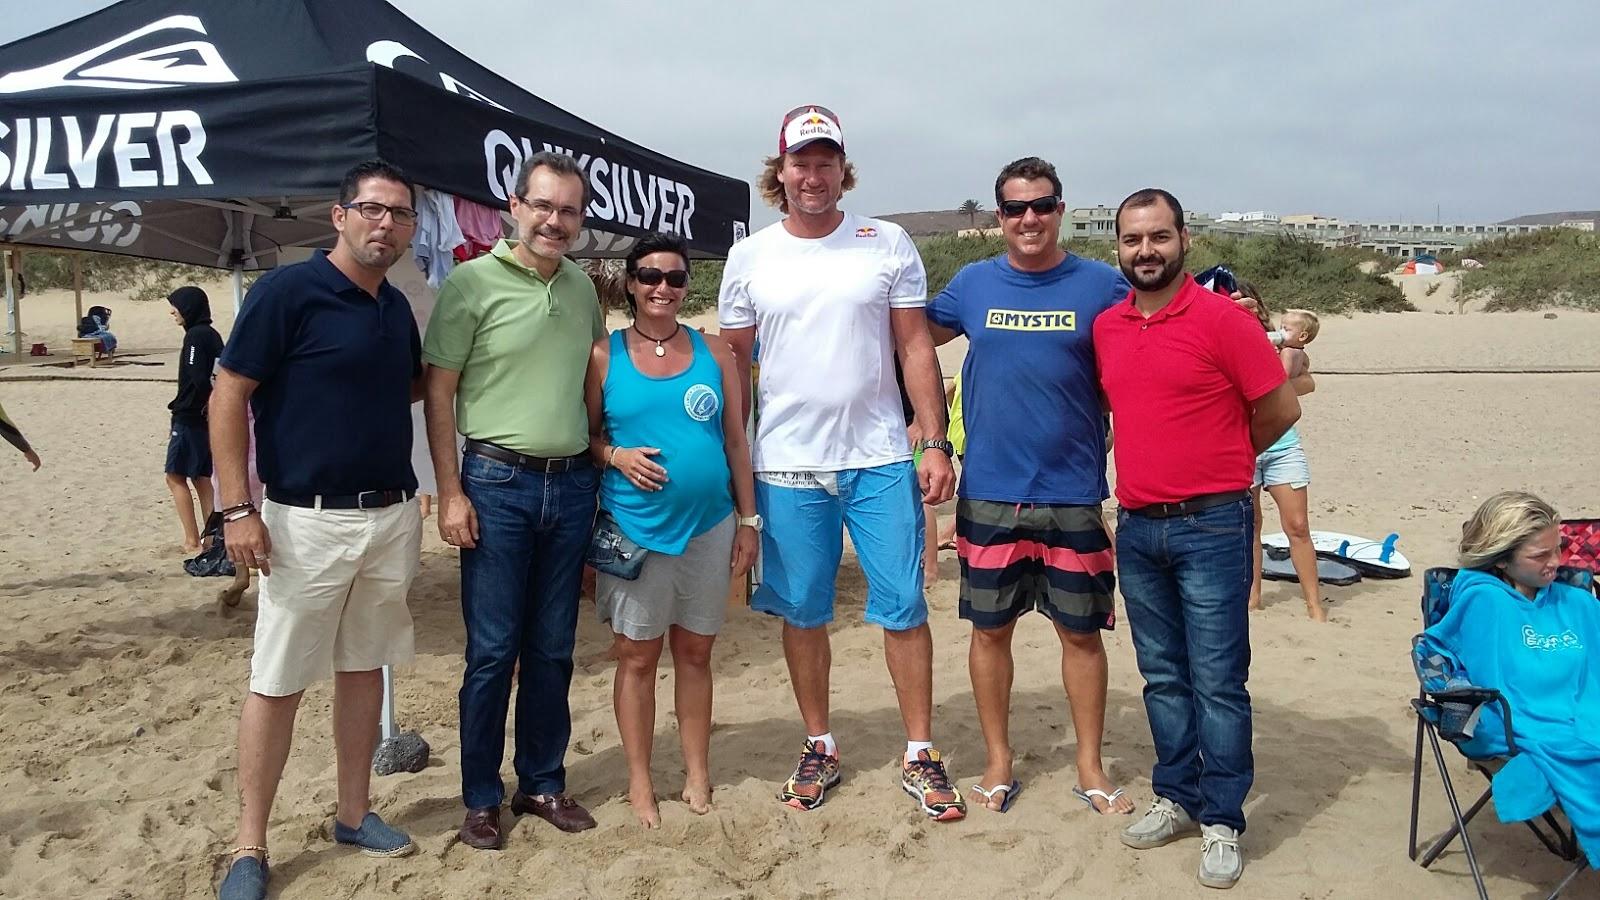 Representantes de las instituciones gubernamentales de Fuerteventura en el campeonato de surf